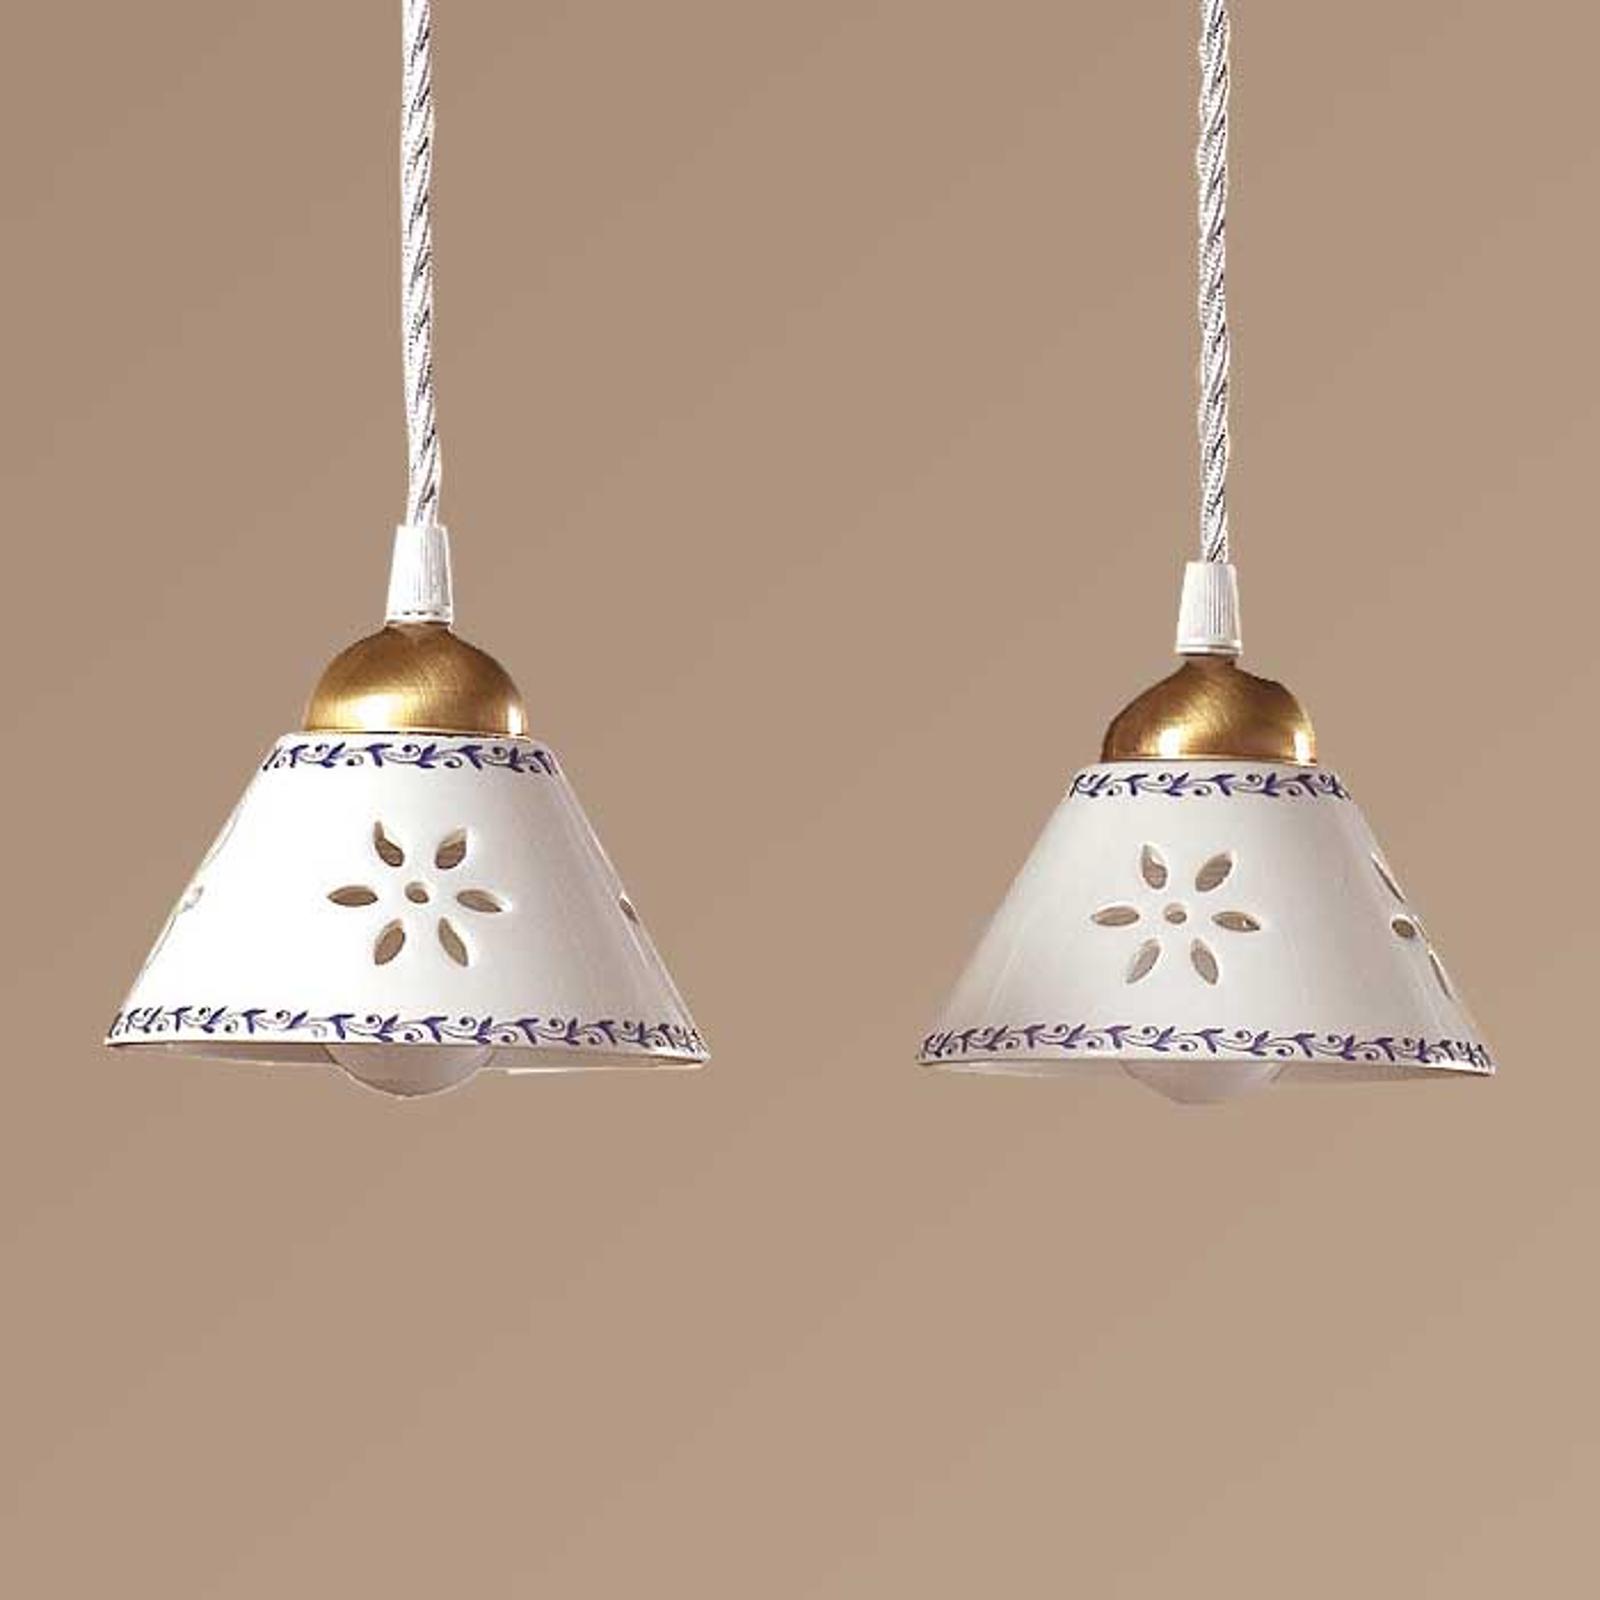 Hængelampe NONNA i hvid keramik, med 2 lyskilder